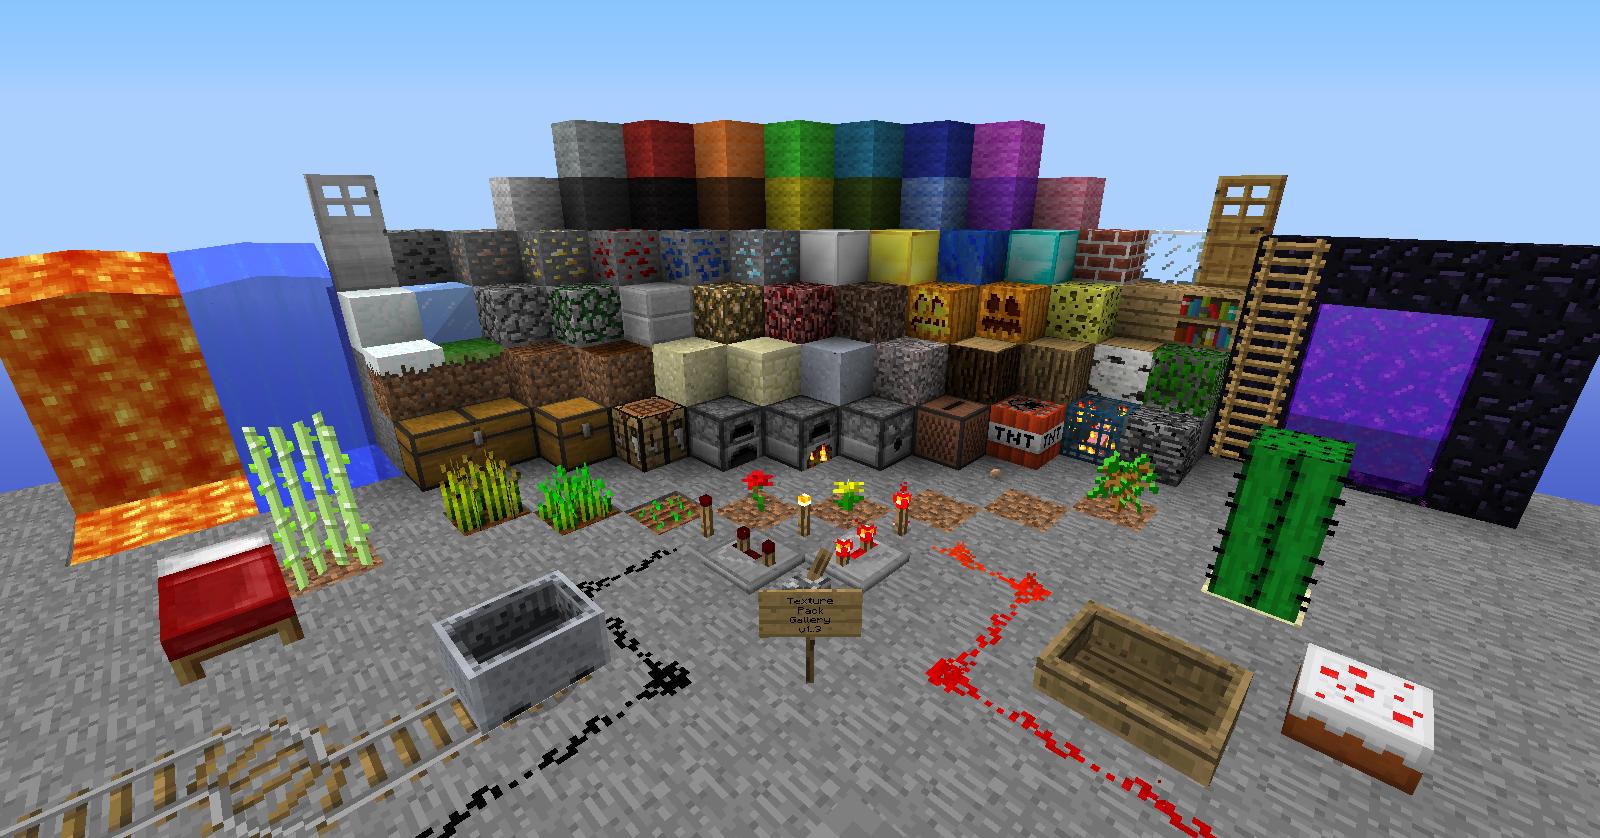 Minecraft MOD紹介 「Backpacks」 - まいんくらふとにっき